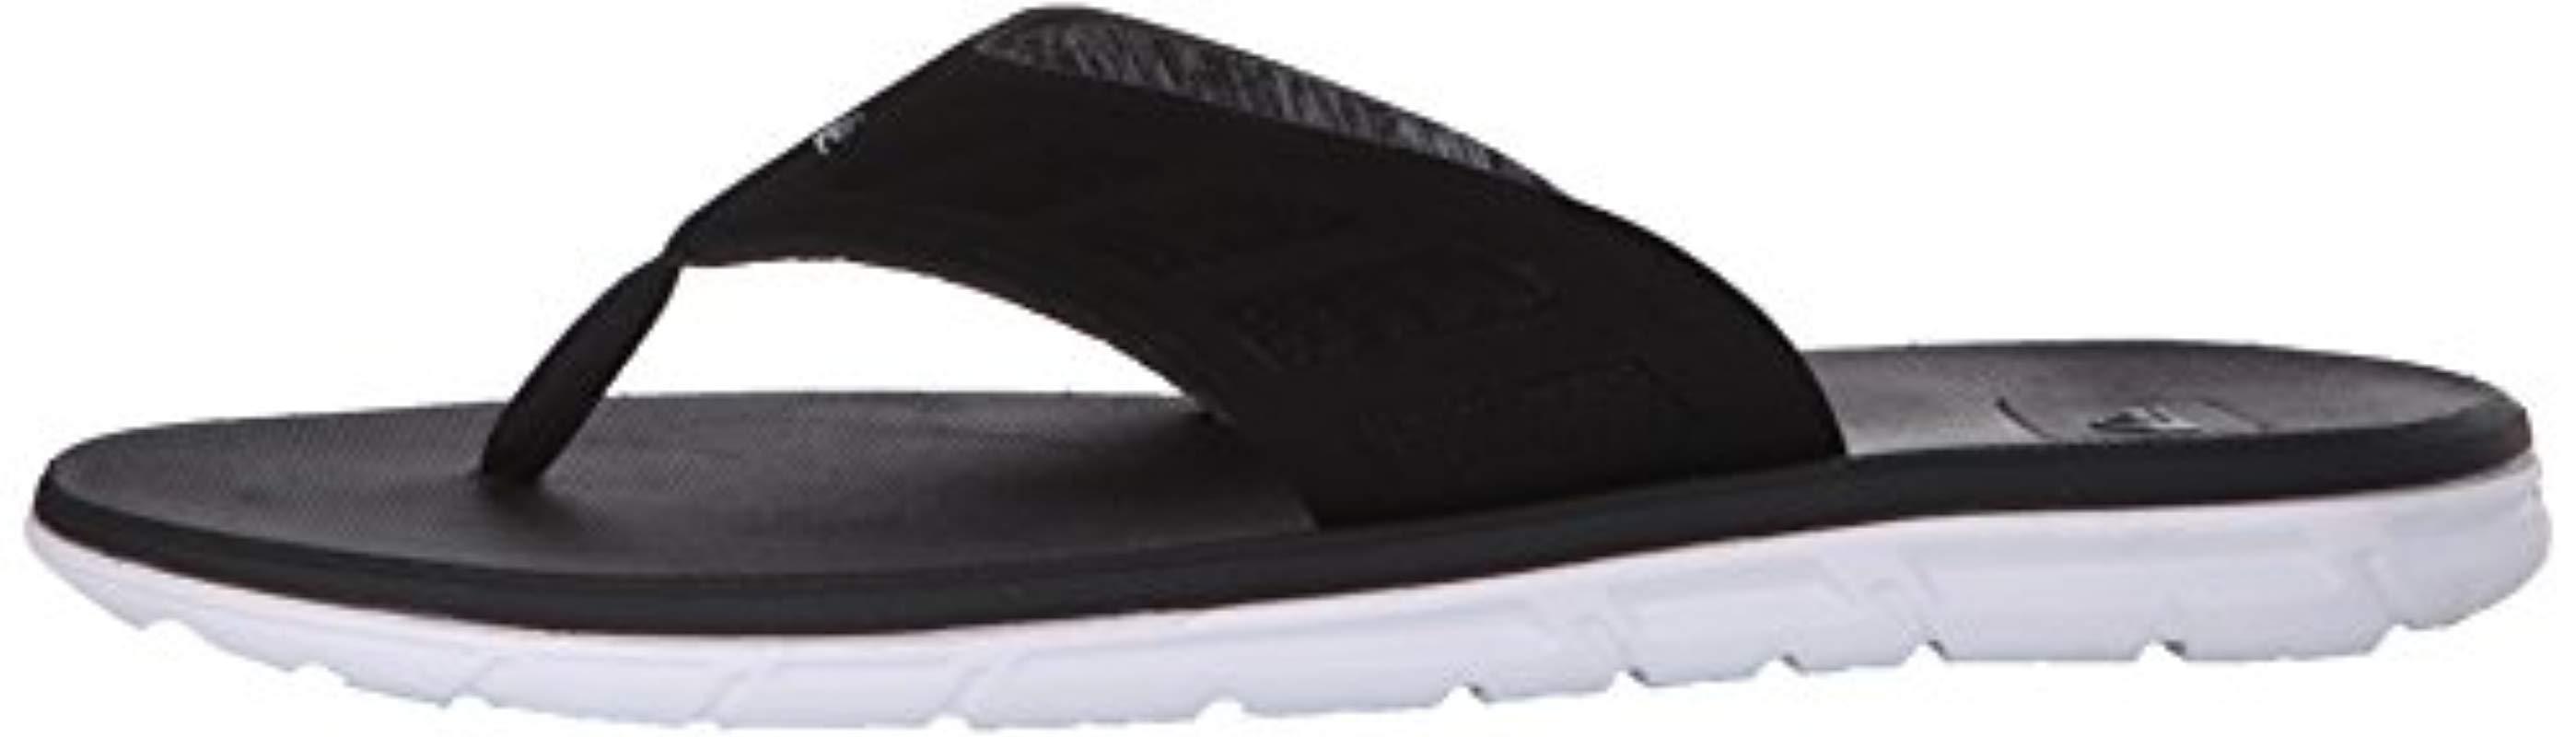 Quiksilver Synthetic Ag47 Flux Flip Flops in Black/White/Grey (Black) for Men